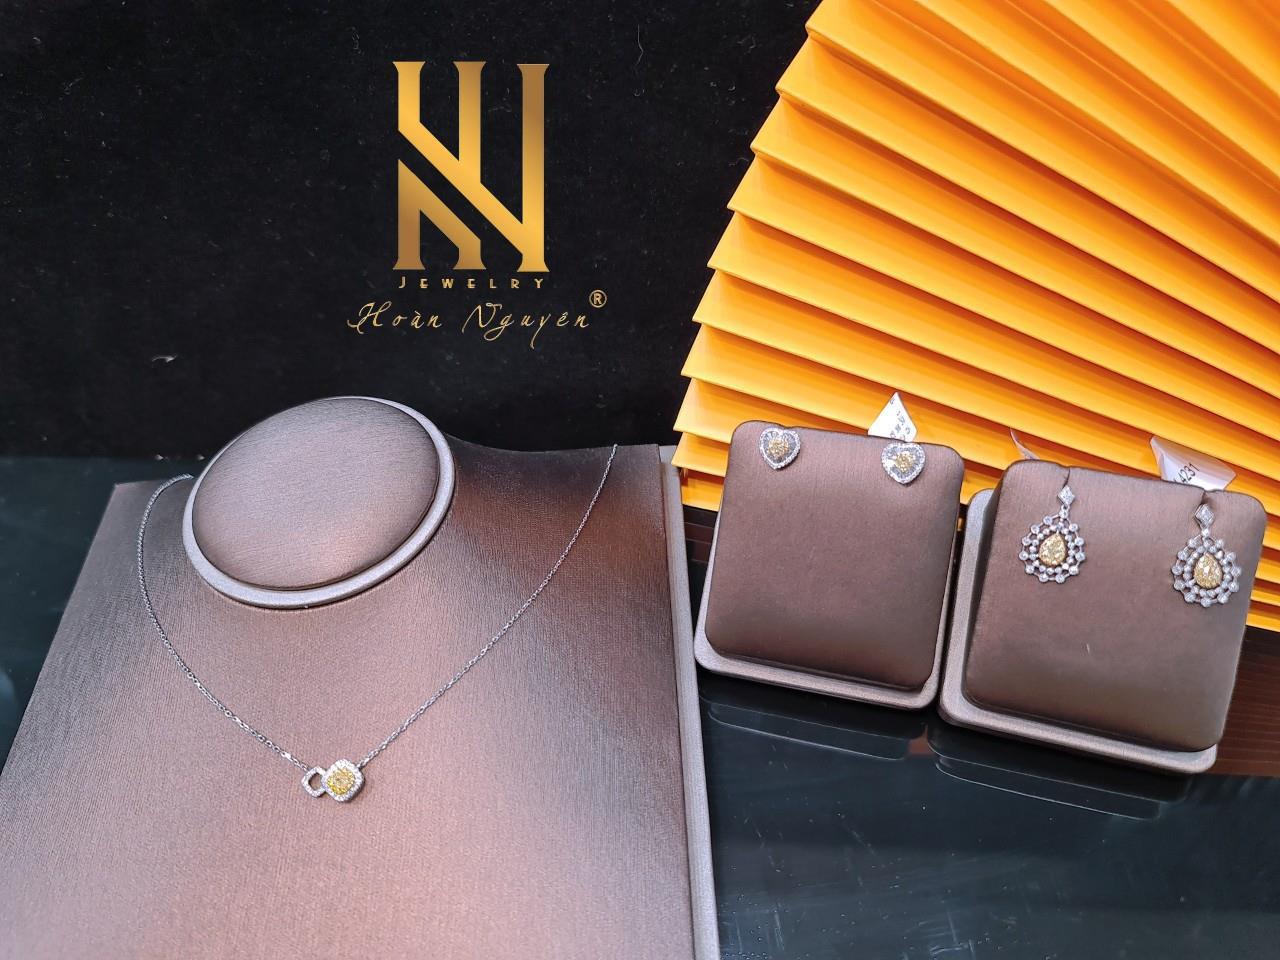 Hoàn Nguyên Jewelry- Khẳng định phong cách cùng trang sức cao cấp - Ảnh 1.